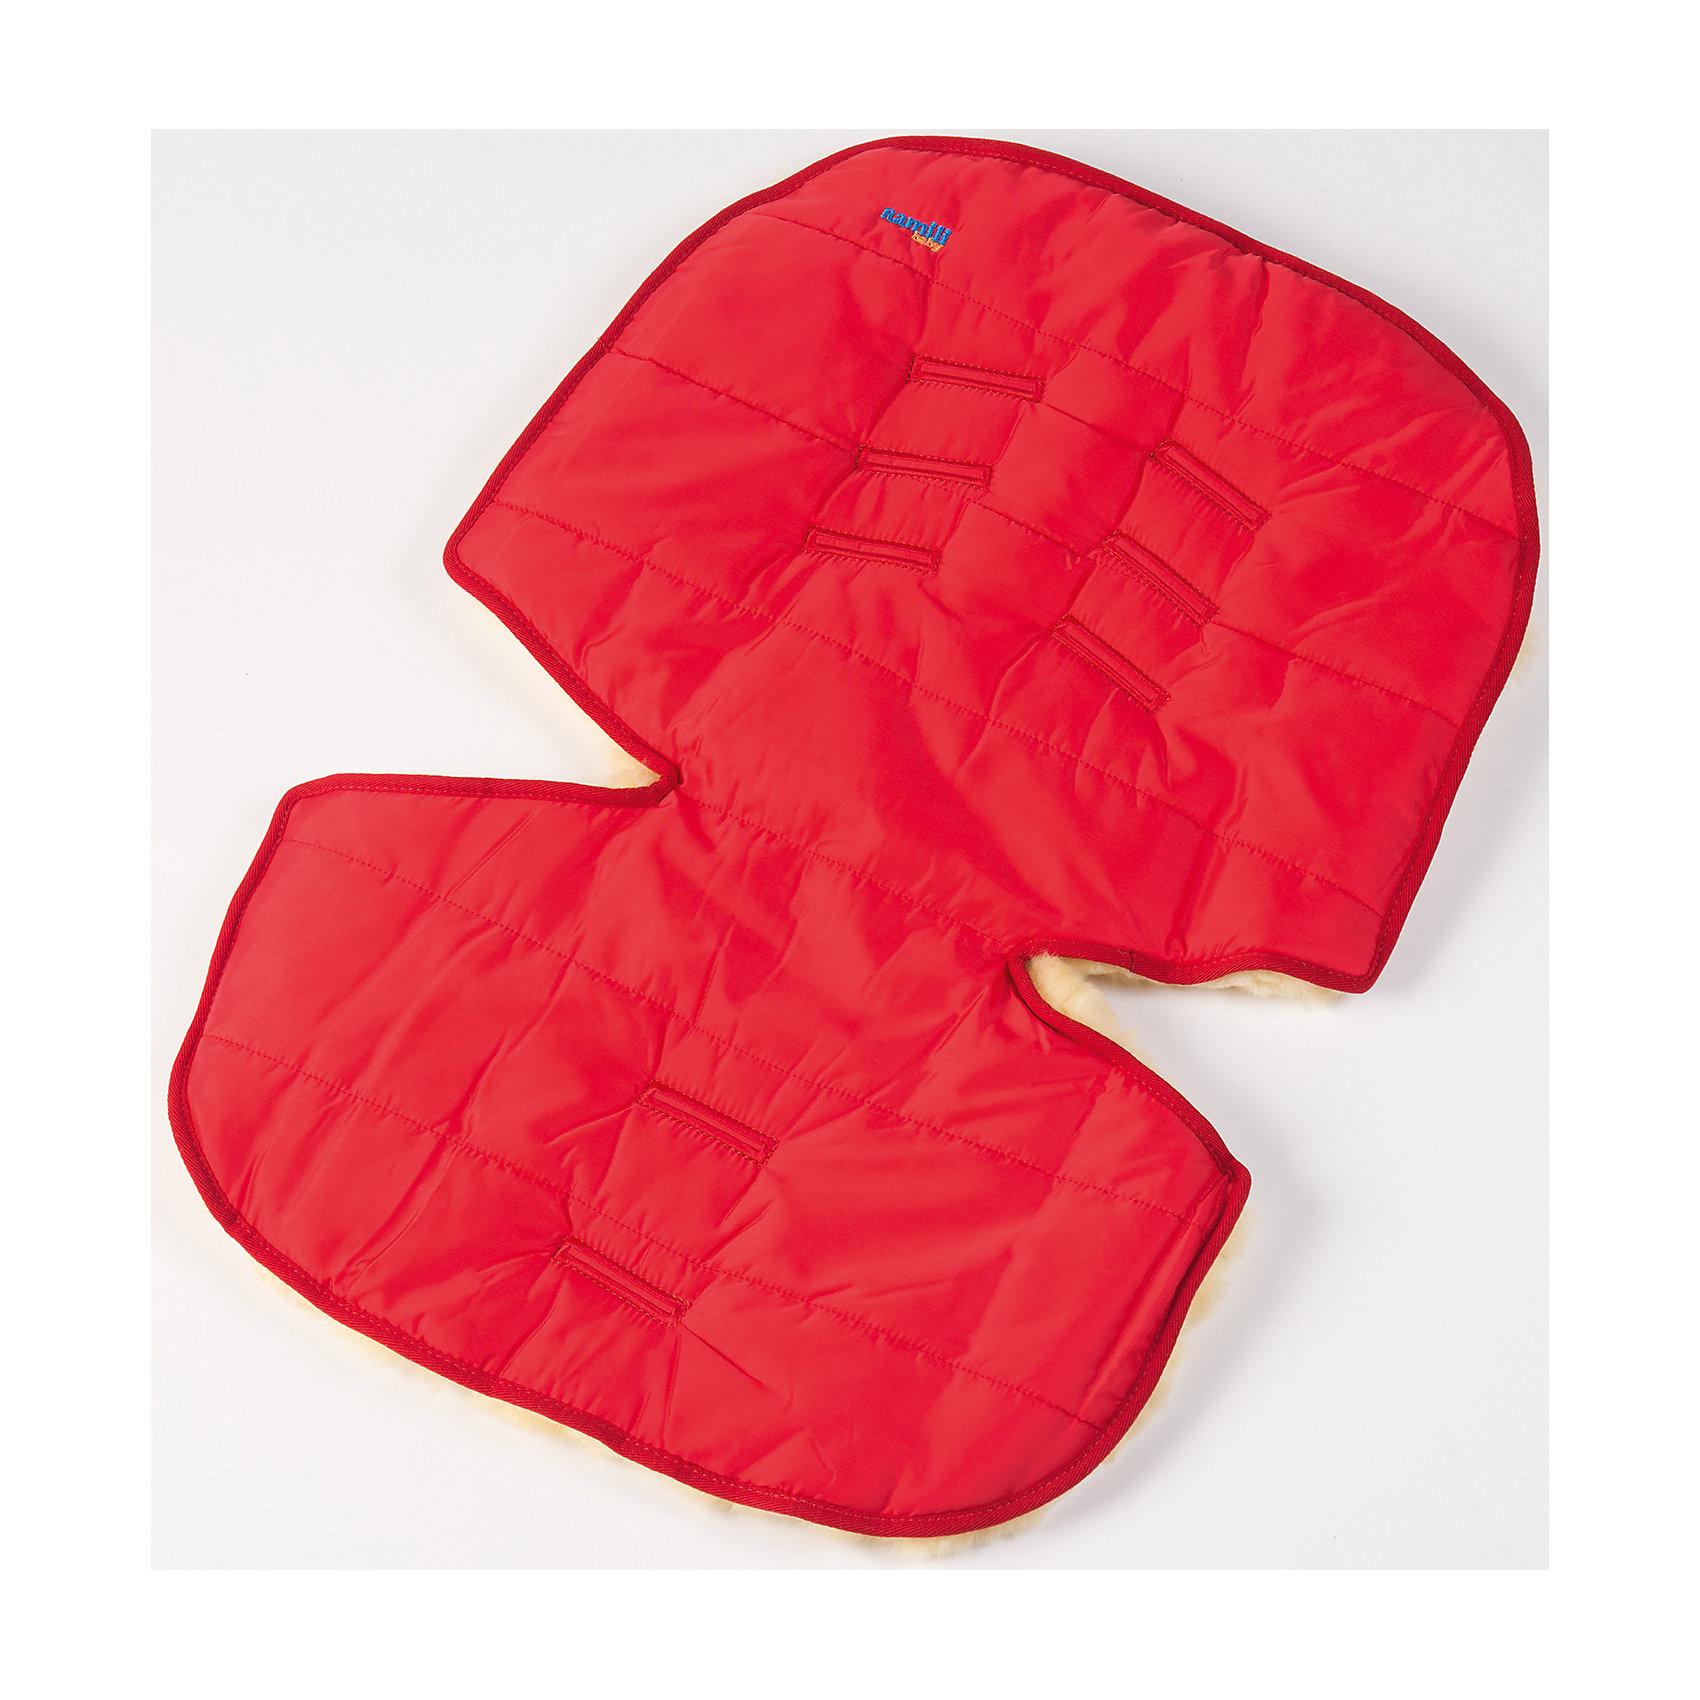 Меховой коврик для коляски и автокресла,  Ramili, красныйХарактеристики:<br><br>• Предназначение: для прогулок, для игр<br>• Сезон: зима<br>• Пол: универсальный<br>• Цвет: красный<br>• Коллекция: Classic <br>• Состав: овчина, 100%<br>• Предусмотрены прорези для ремней безопасности<br>• Размеры конверта (Д*Ш): 70*30 см<br>• Вес с упаковкой: 2 кг <br>• Уход: машинная стирка при температуре не более 40 градусов<br><br>Меховой коврик для коляски и автокресла, Ramili, красный изготовлен по британской технологии с соблюдением всех норм и требований к безопасности для изделий, предназначенных для новорожденных.Тыльная сторона коврика выполнена из плащевой ткани, которая обеспечивает защиту от ветра и влаги, при этом обладает высокими износоустойчивыми свойствами; внешняя часть – из натуральной овчины, выделанной по специализированной технологии обработки, при которой не используются красители и химические вещества. При этом при обработке сохраняются свойства натуральной овчины и завиток, который обеспечивает повышенные теплоизоляционные свойства. Изделие обладает высокими гипоаллергенными свойствами. Коврик имеет уникальную форму, благодаря чему он подходит практически для всех моделей колясок и автокресел. Также его можно использовать для игр ребенка на полу.<br>Меховой коврик для коляски и автокресла, Ramili, красный – это качественные, комфортные и многофункциональные изделия для самых маленьких!<br><br>Меховой коврик для коляски и автокресла, Ramili, красный можно купить в нашем интернет-магазине.<br><br>Ширина мм: 700<br>Глубина мм: 500<br>Высота мм: 50<br>Вес г: 500<br>Возраст от месяцев: 0<br>Возраст до месяцев: 12<br>Пол: Унисекс<br>Возраст: Детский<br>SKU: 4980607